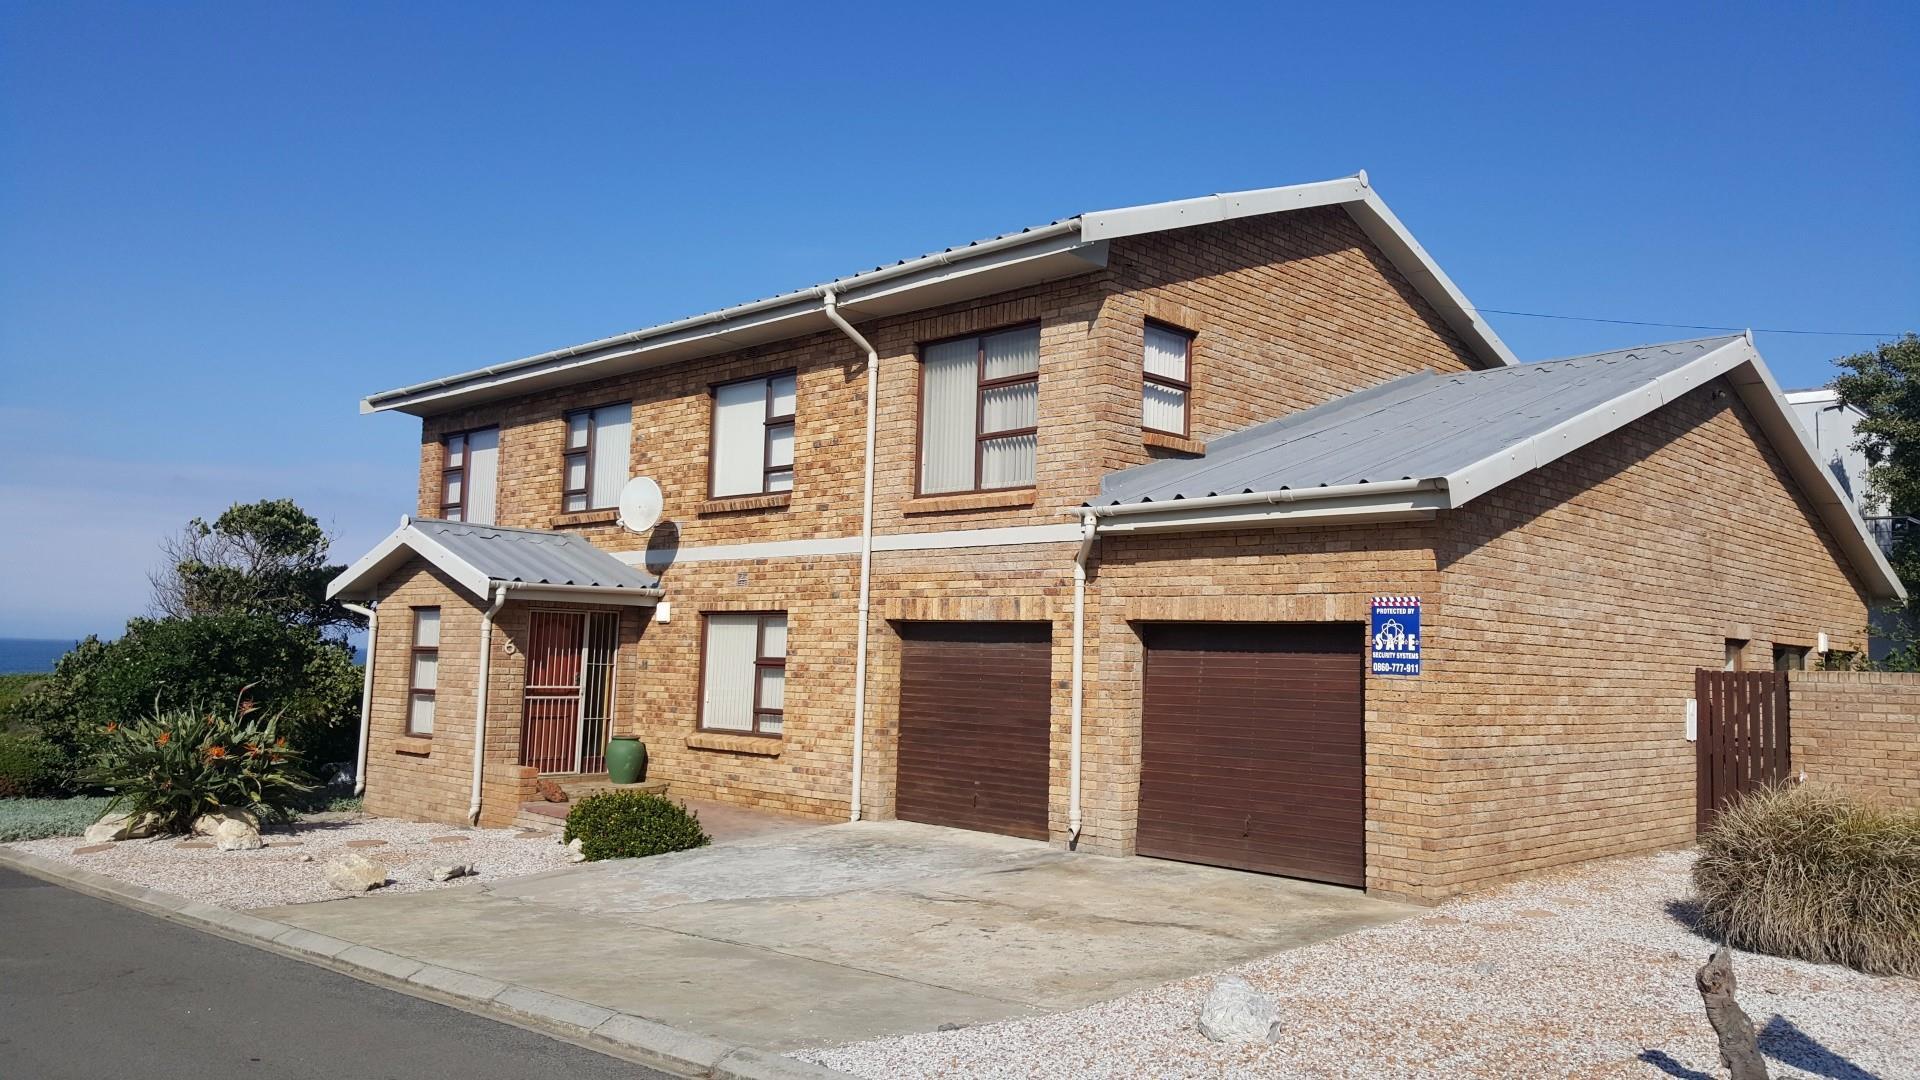 Kleinmond, Kleinmond Property  | Houses For Sale Kleinmond, Kleinmond, House 4 bedrooms property for sale Price:3,800,000